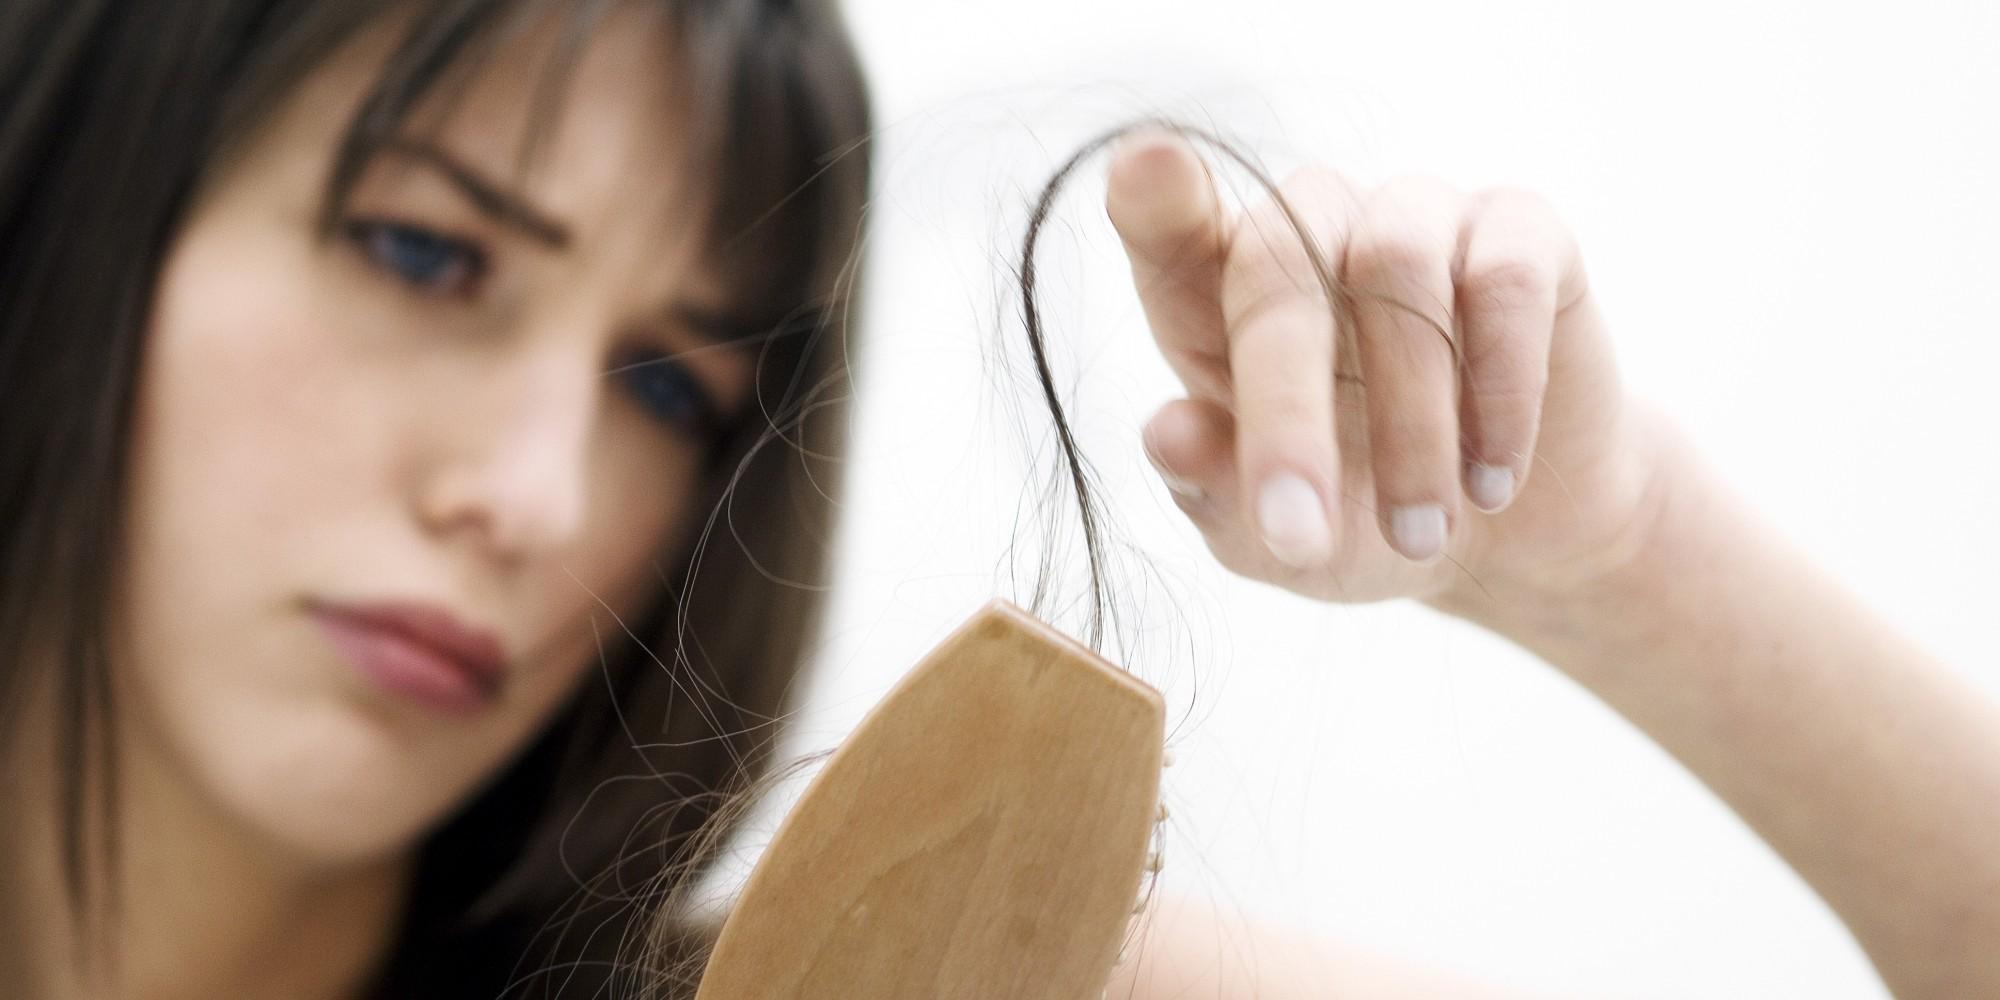 Ăn kiêng kiểu Keto có thể dẫn đến rụng tóc và đây là những điều bạn cần biết để ngăn chặn tình trạng này - Ảnh 1.